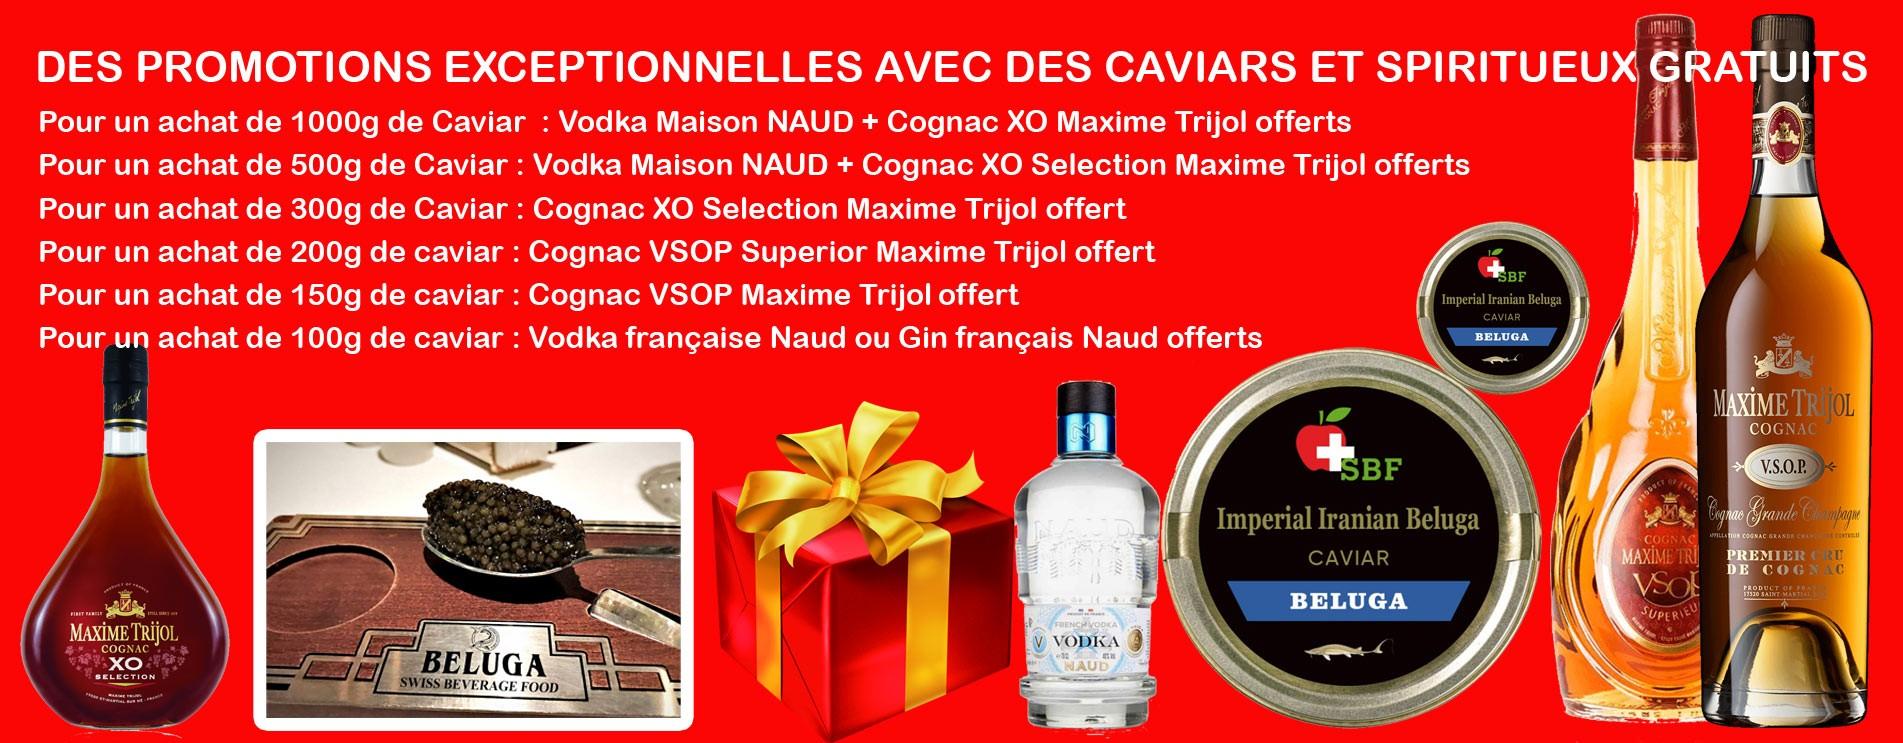 Promotions avec caviar et spiritueux offerts